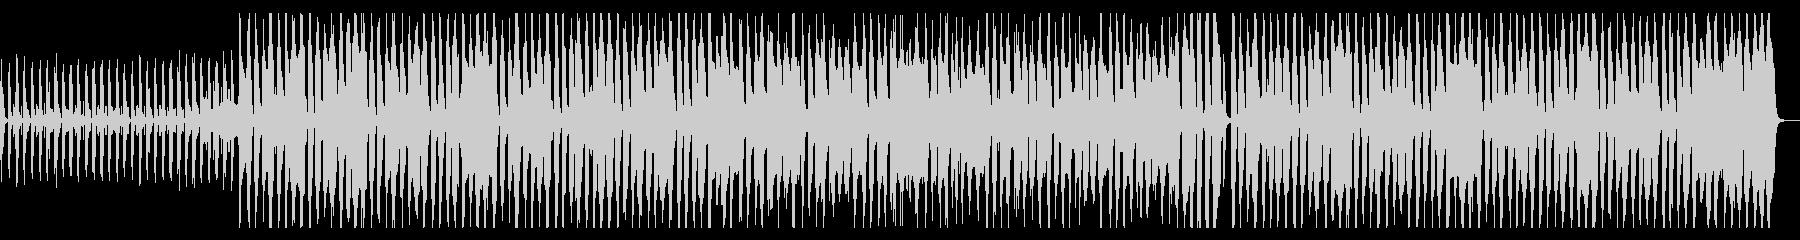 ウキウキ、手拍子、ギター、ピアノの未再生の波形